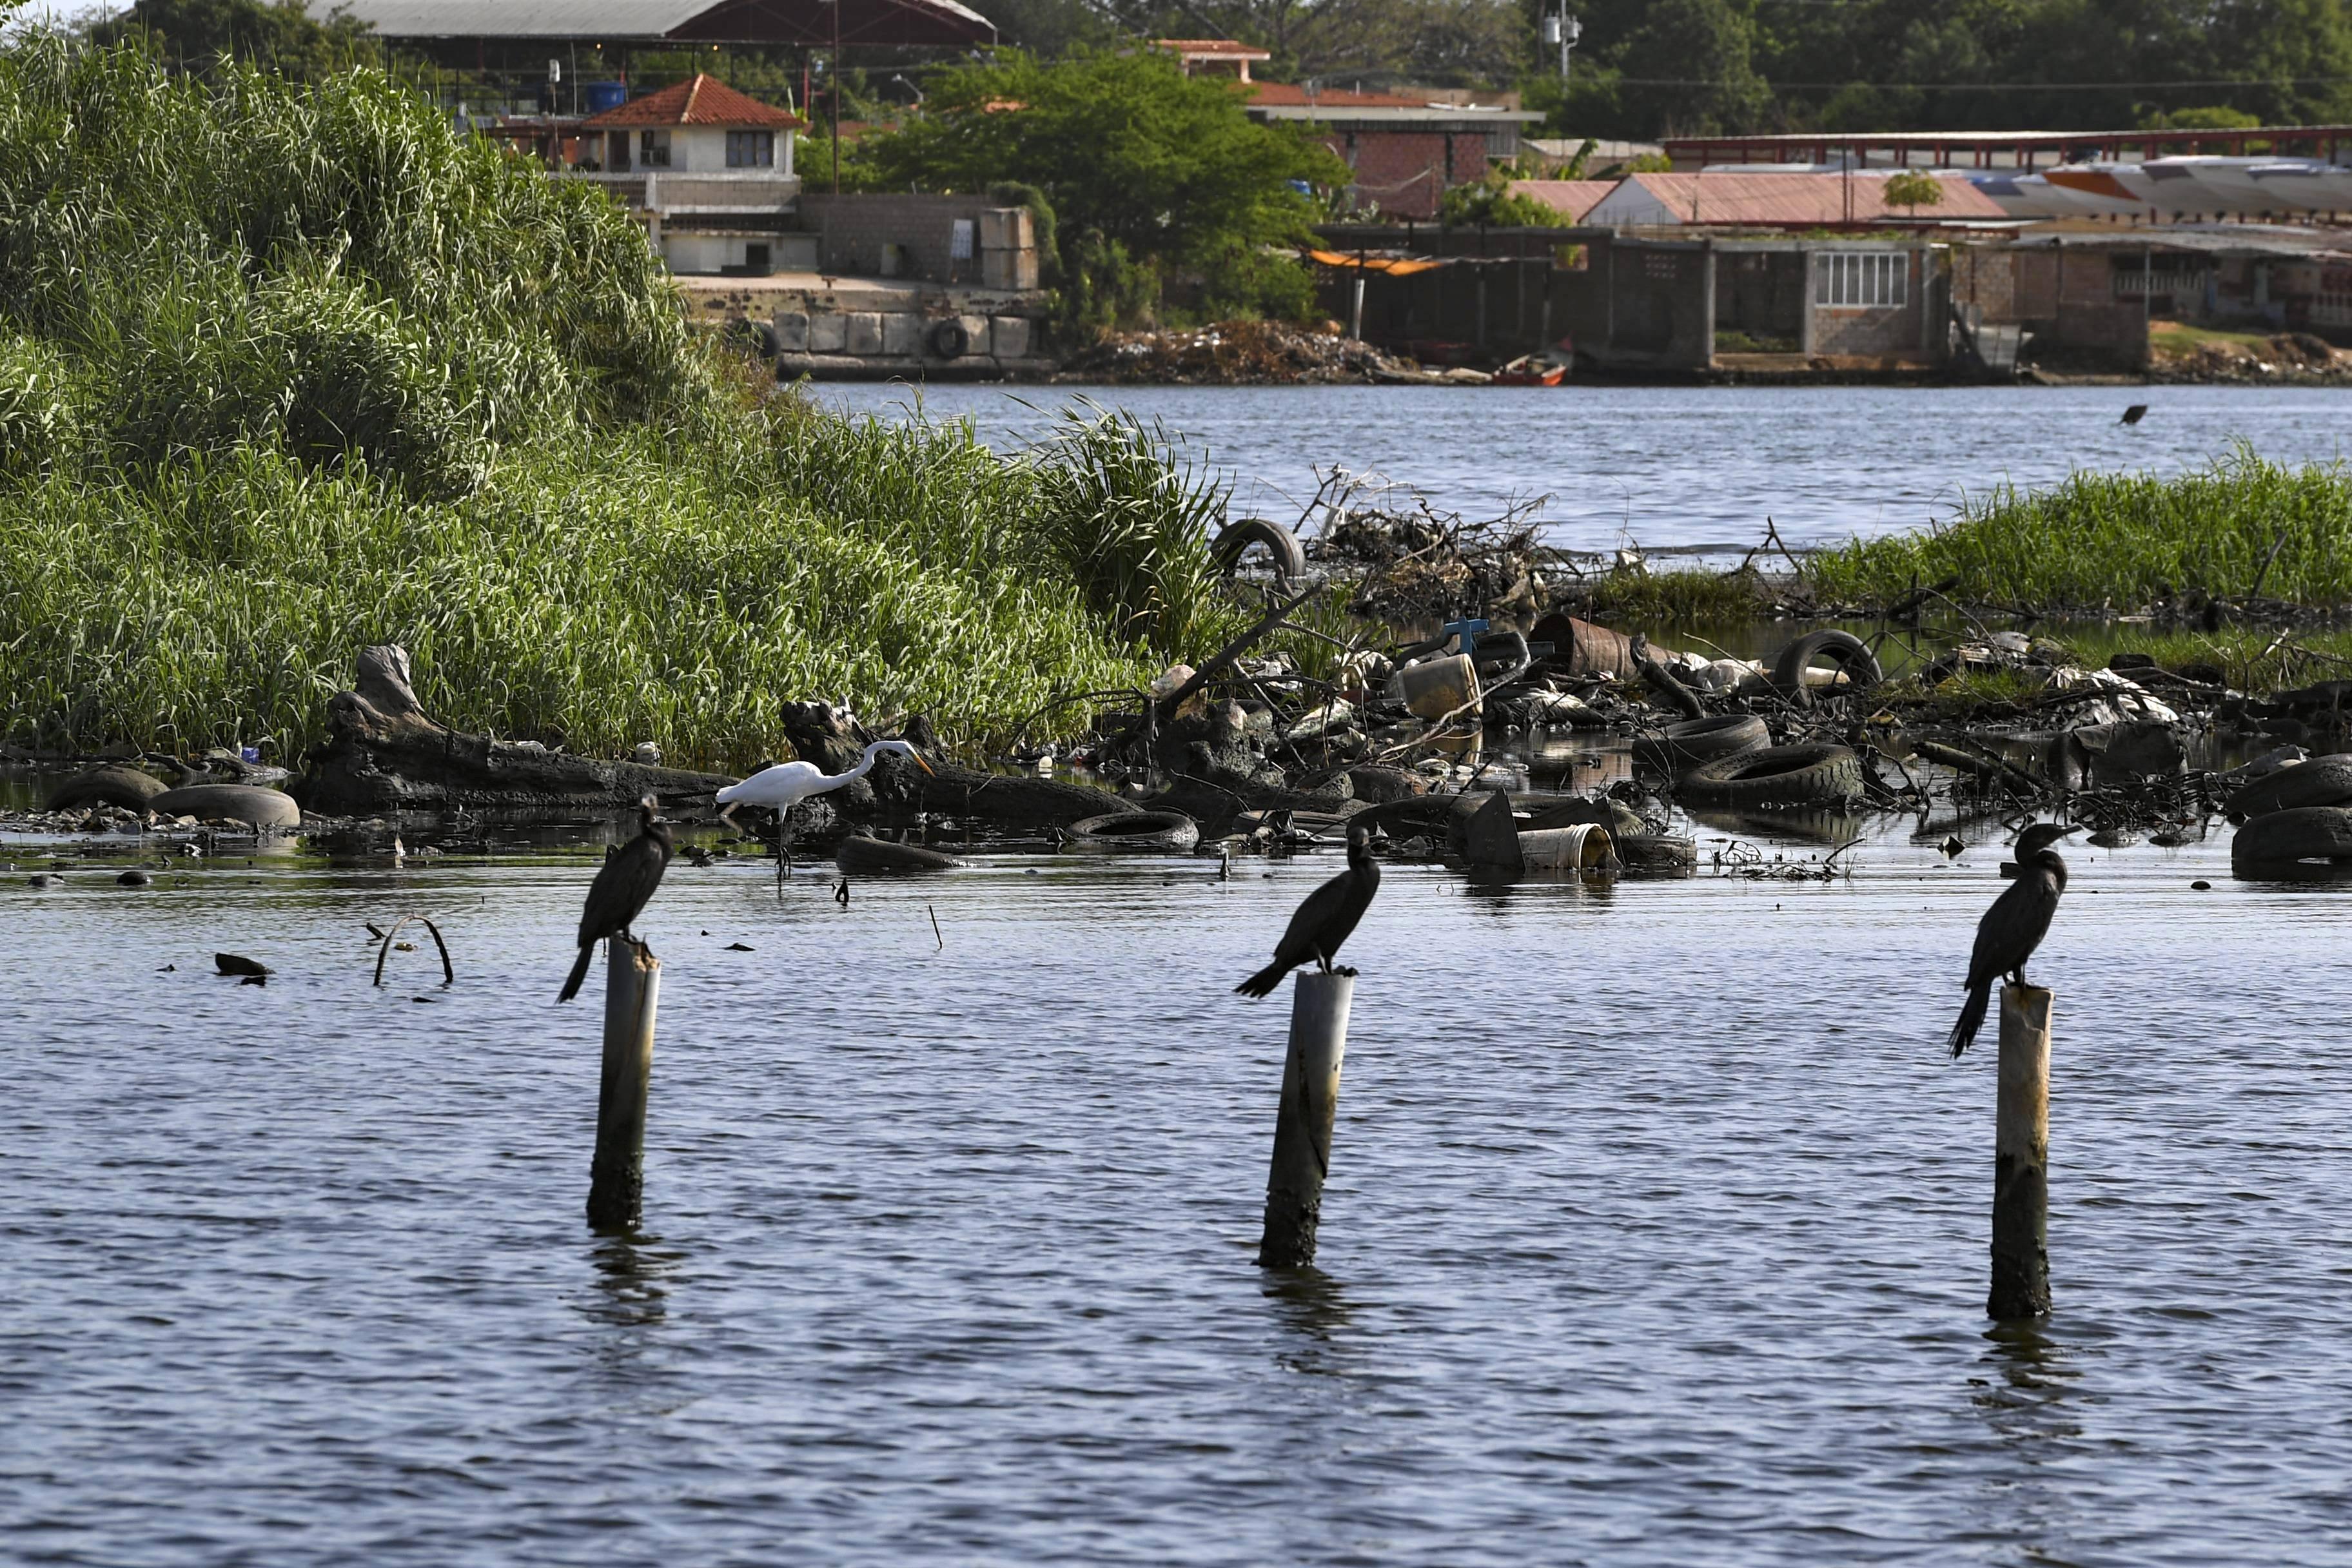 Vista do poluído lago Maracaibo | Foto: YURI CORTEZ / AFP